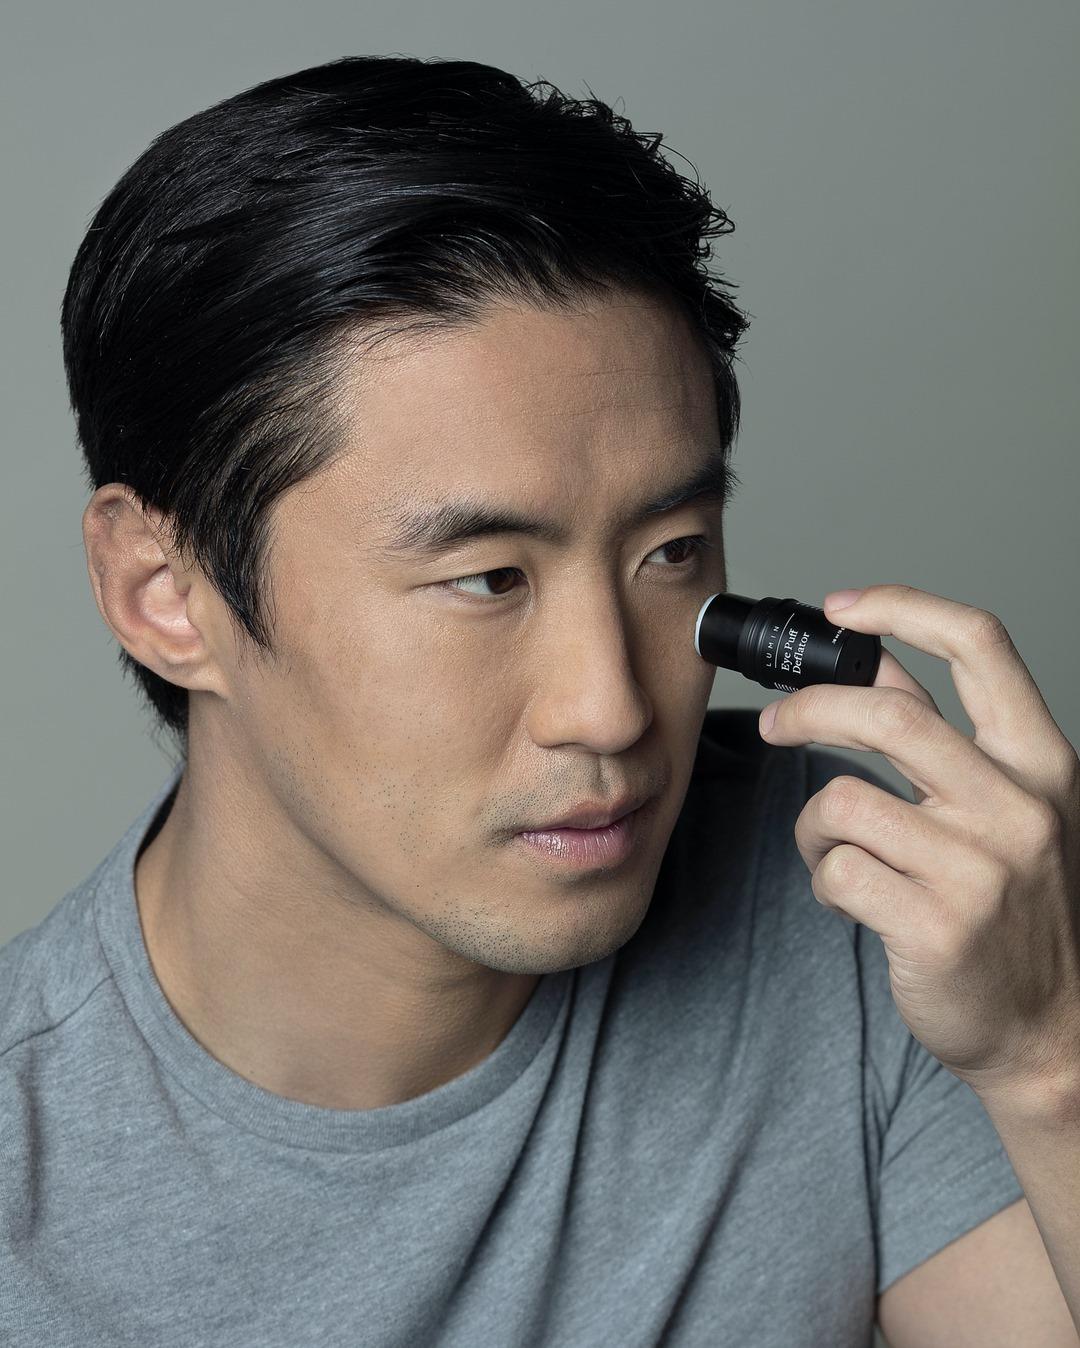 Natural and Organic Skincare Brands for Men - Lumin Skin